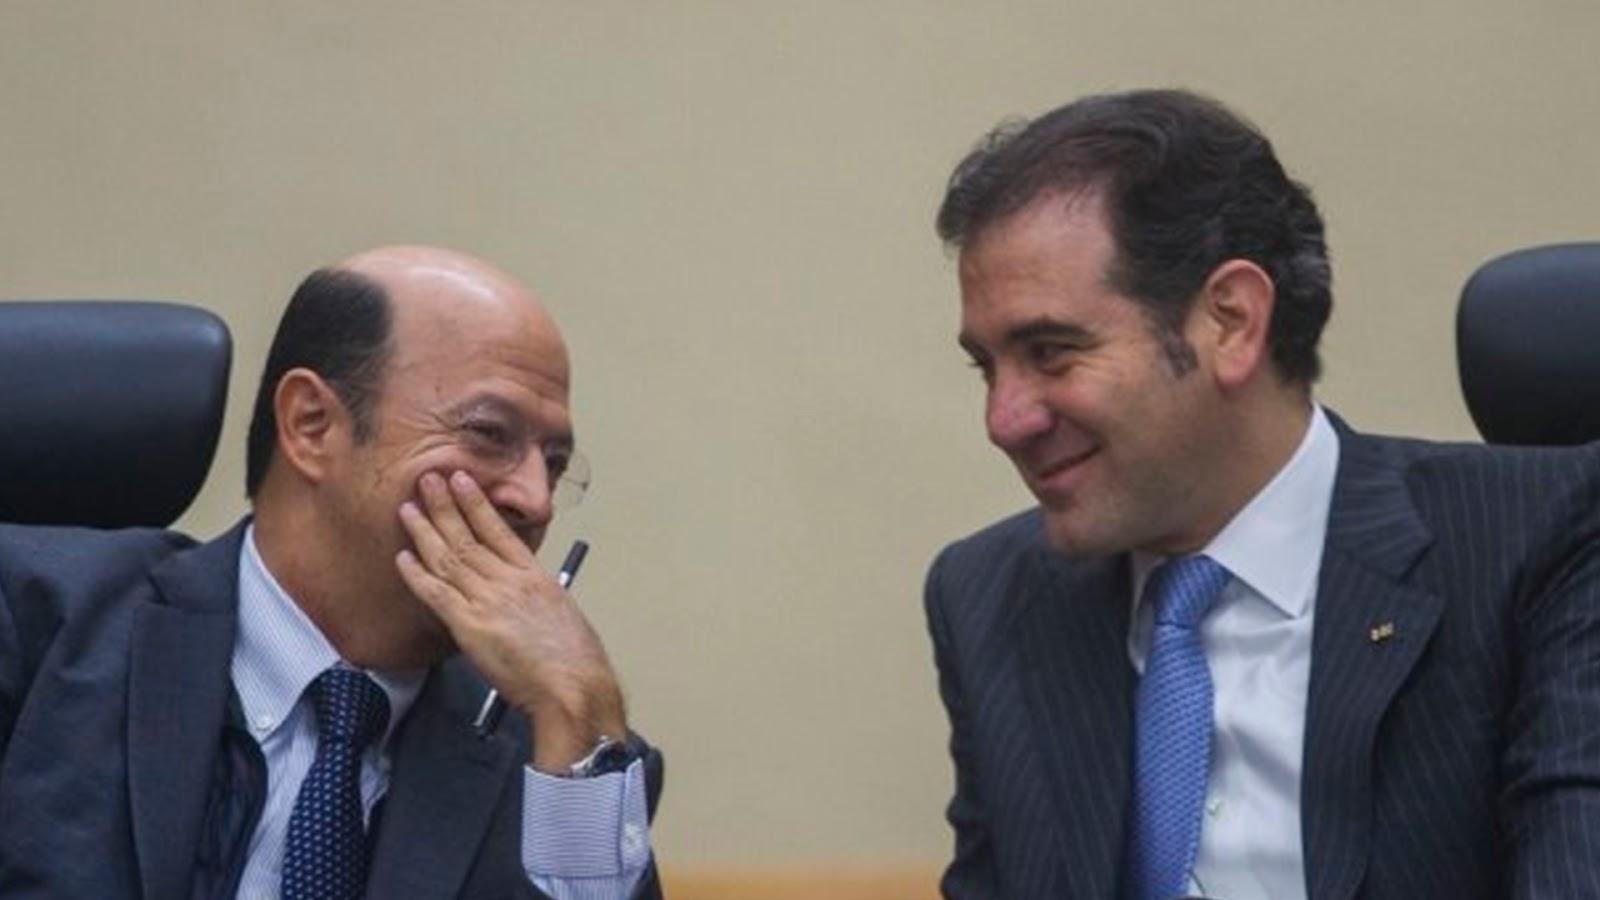 El INE aprueba casi 5 mmdp para los partidos políticos, ciudadanos exigen recorte del 50%